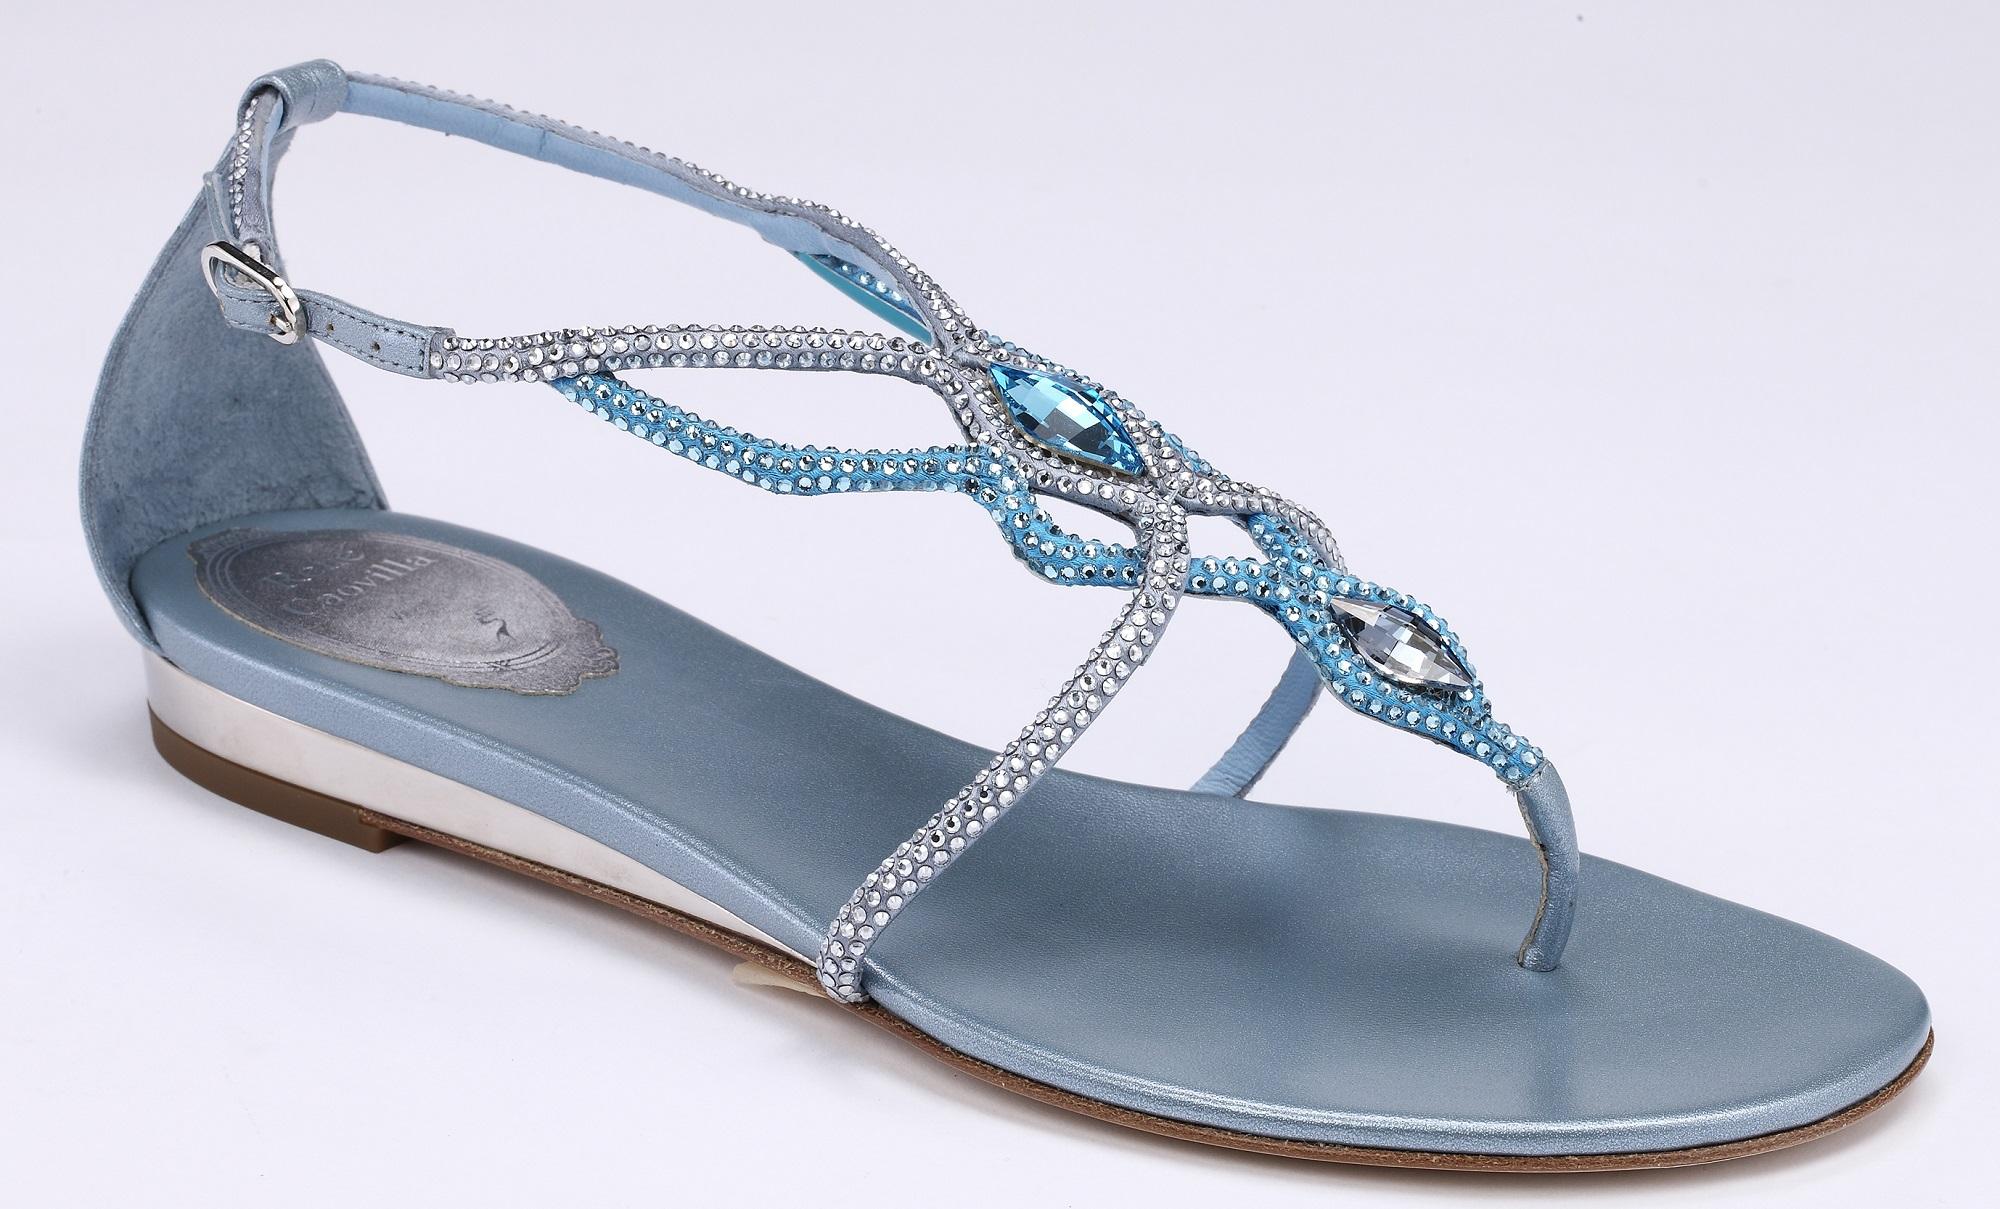 藍光交叉水晶平底涼鞋 NT$42,000